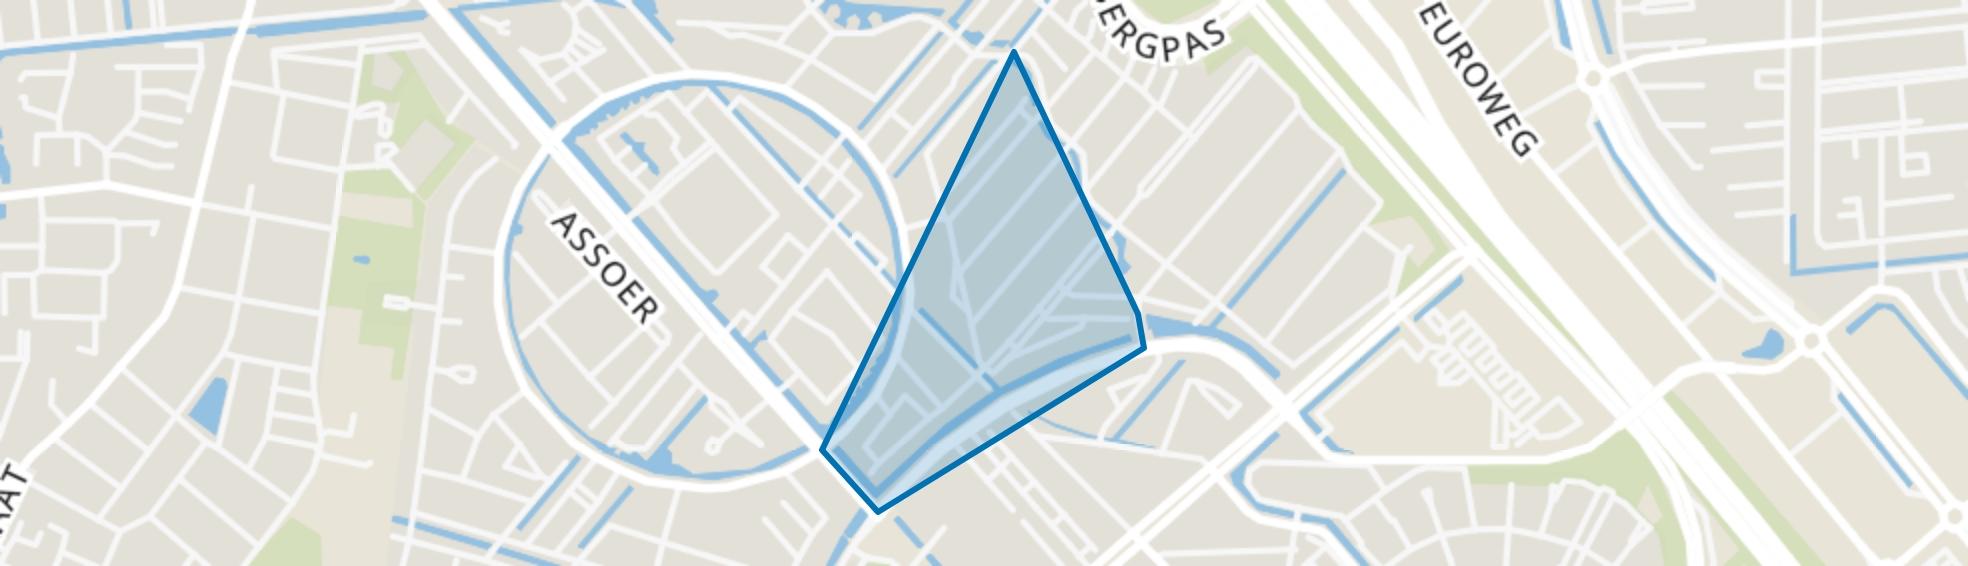 Groote Kreek, Amersfoort map